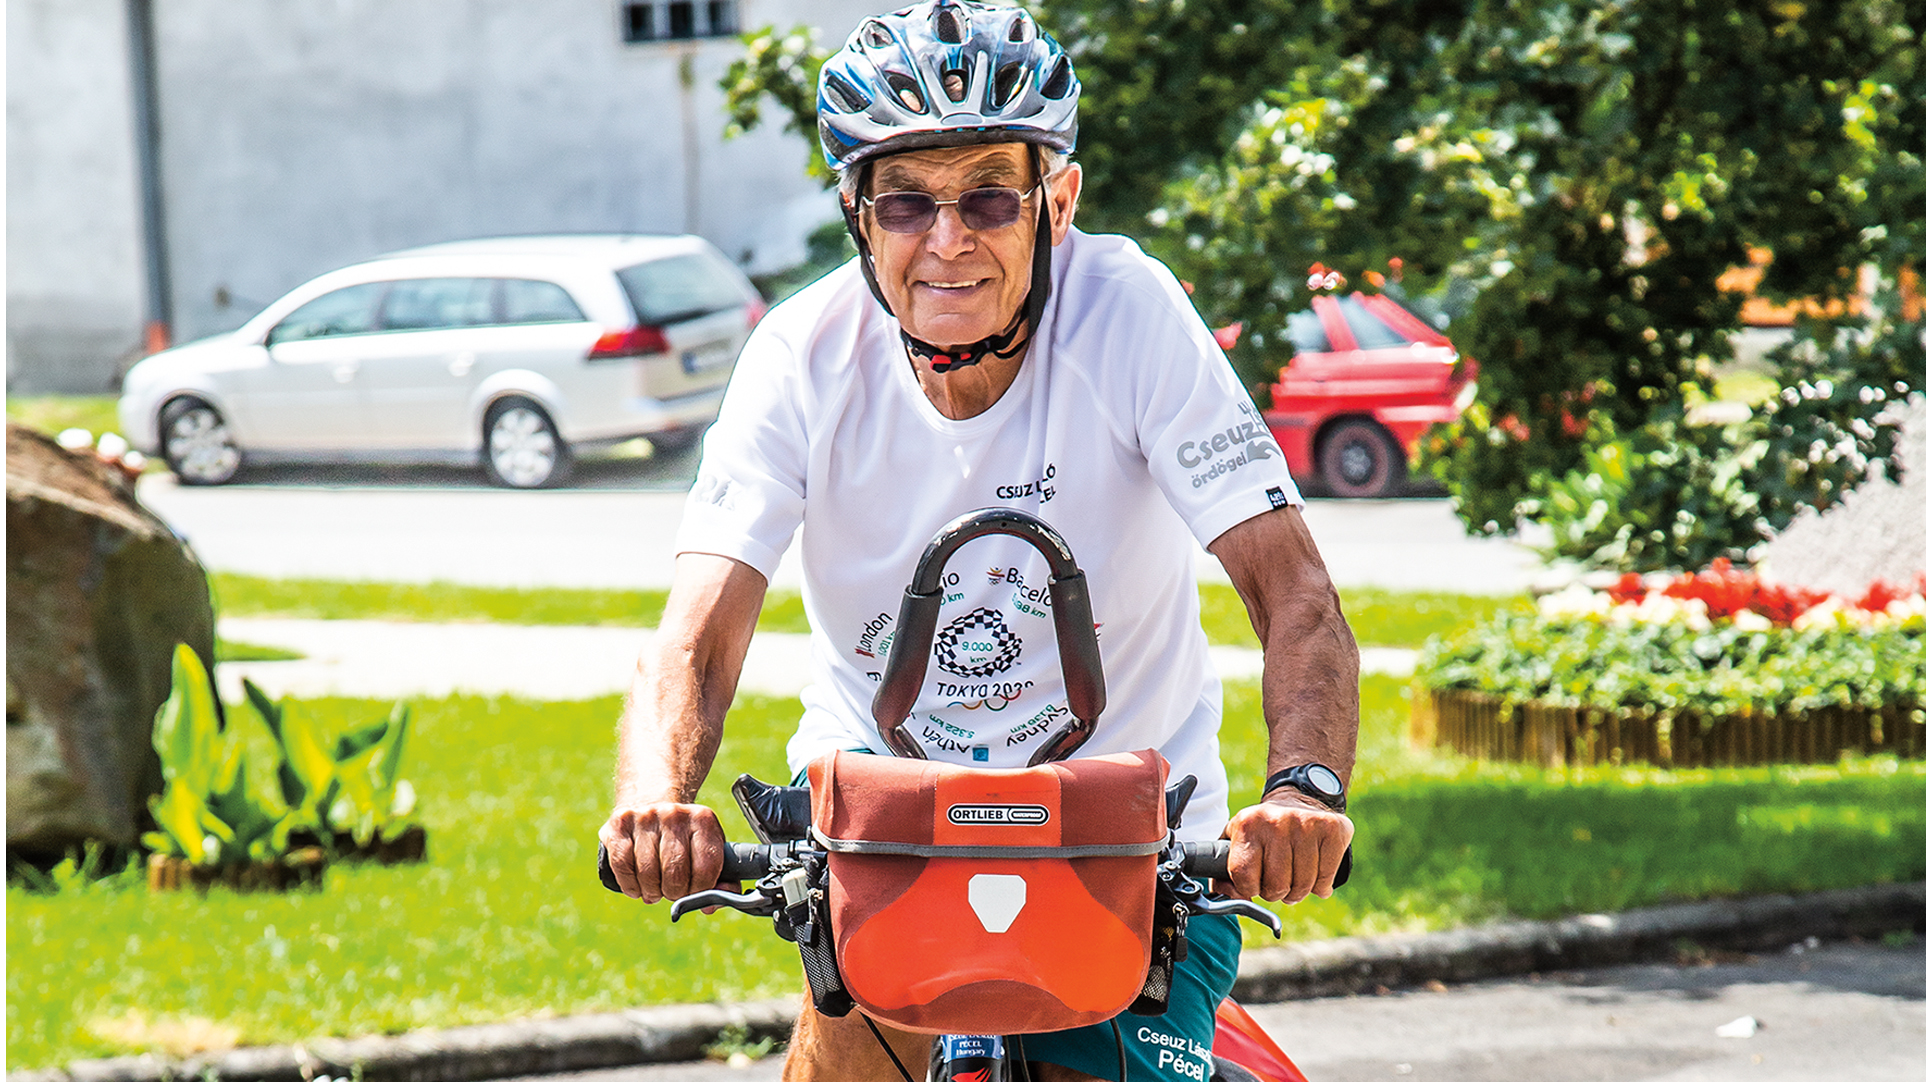 balaton barcelonai olimpia bicikli cseuz lászló debreczeni csilla edzés gyógytorna koronavírus ötkarikás játék rehabilitáció szobabicikli térdműtét tokió triatlon